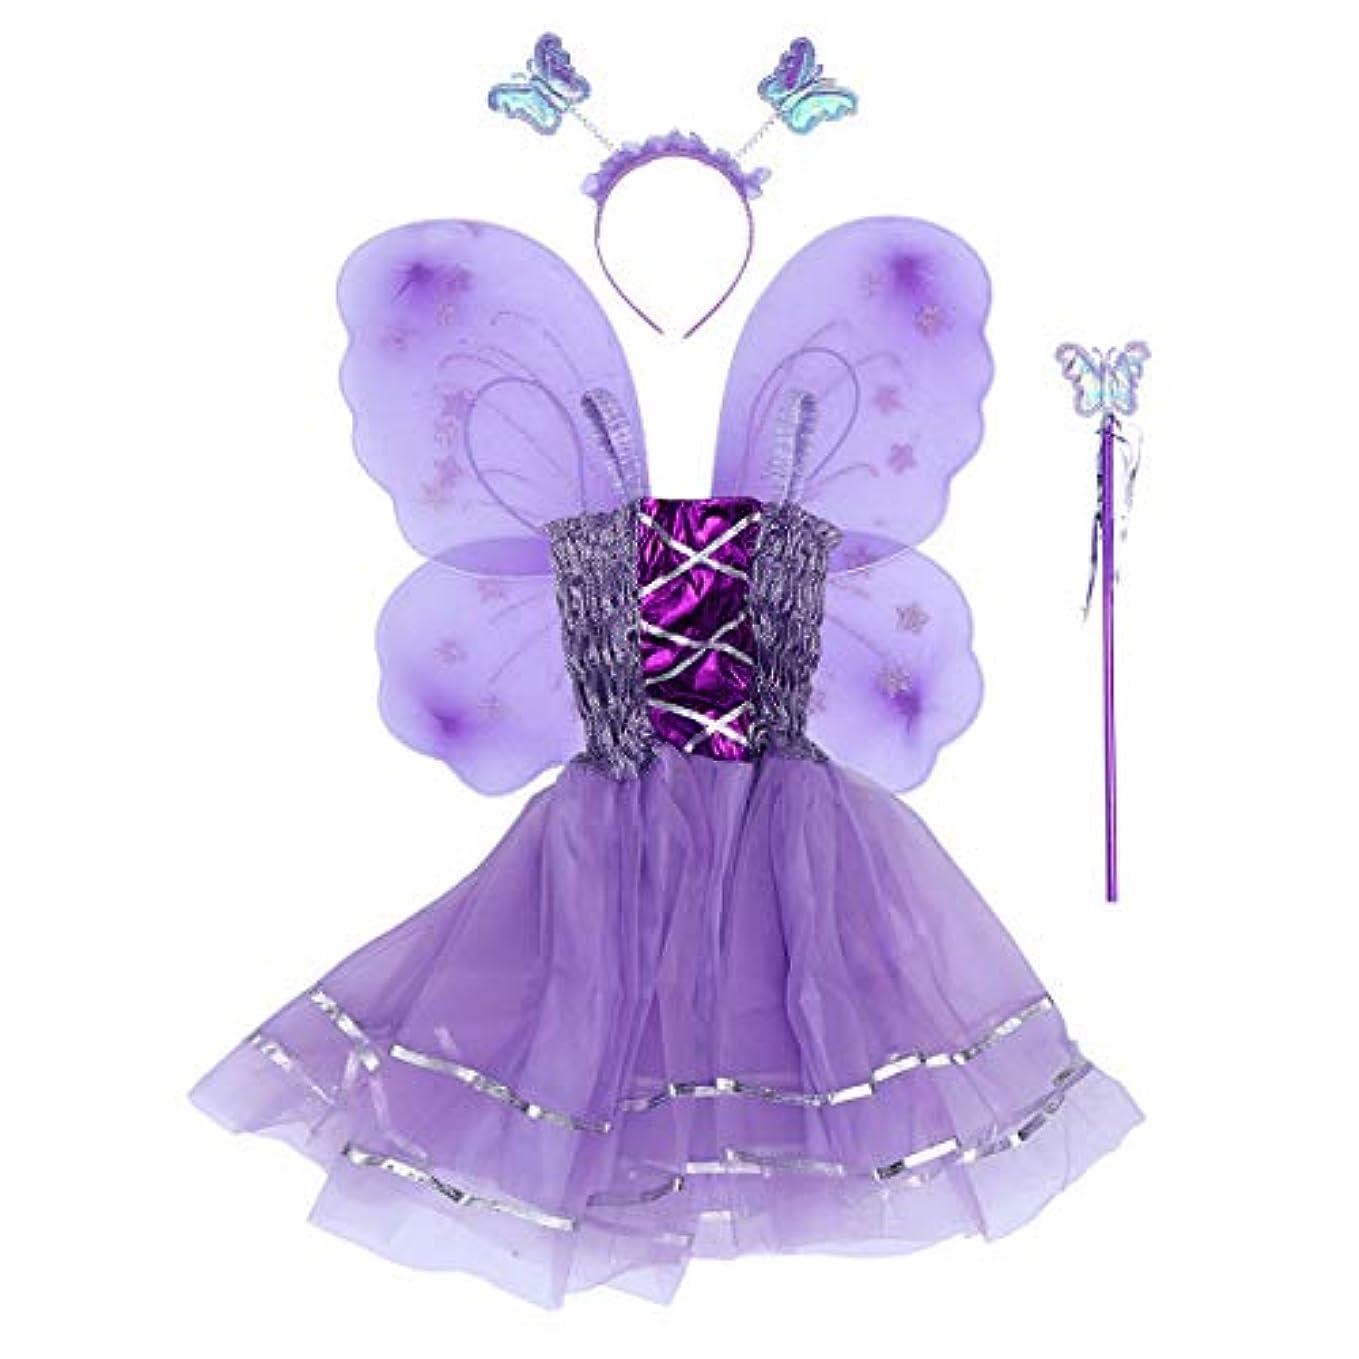 風抑制するお手入れBESTOYARD 4個の女の子バタフライプリンセス妖精のコスチュームセットバタフライウィング、ワンド、ヘッドバンドとツツードレス(バイオレット)